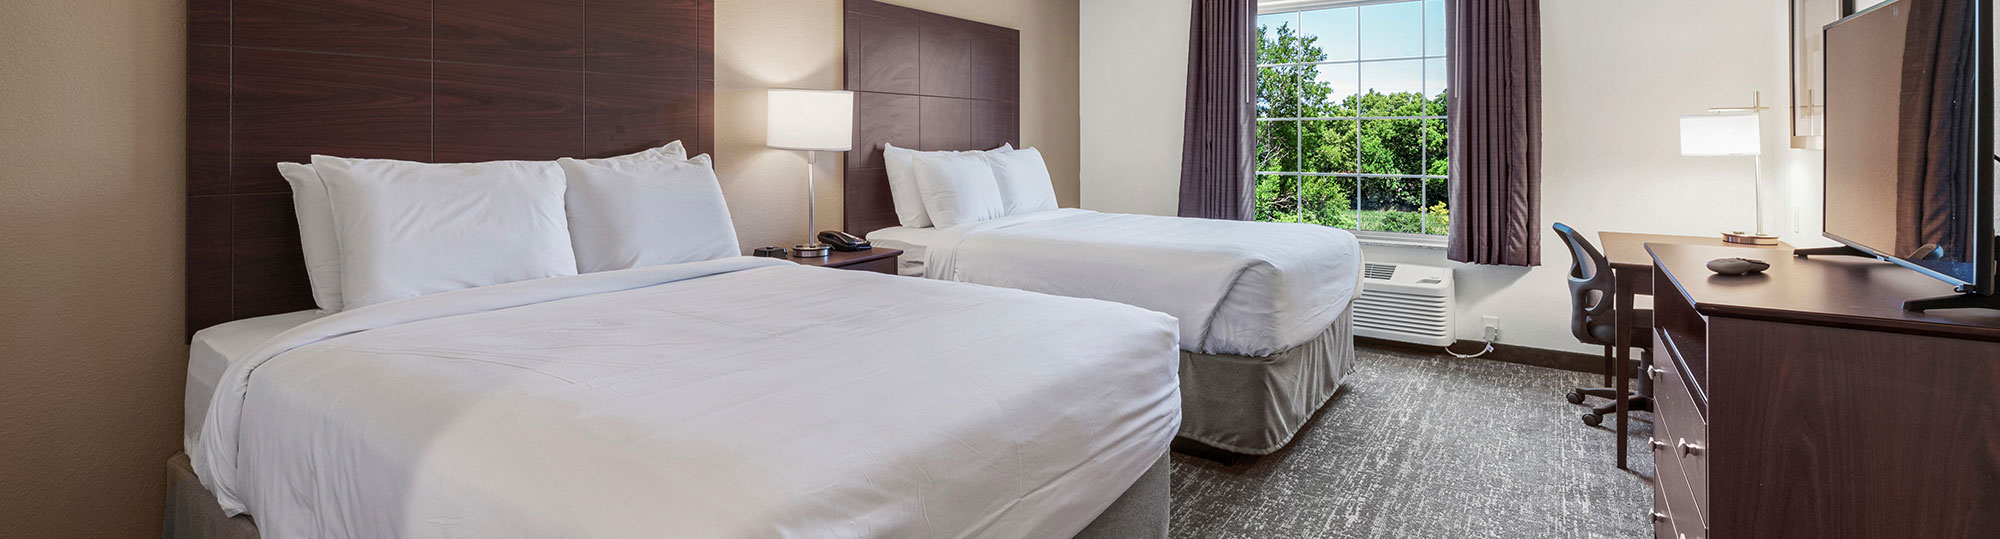 Cobblestone Hotel and Suites Urbana